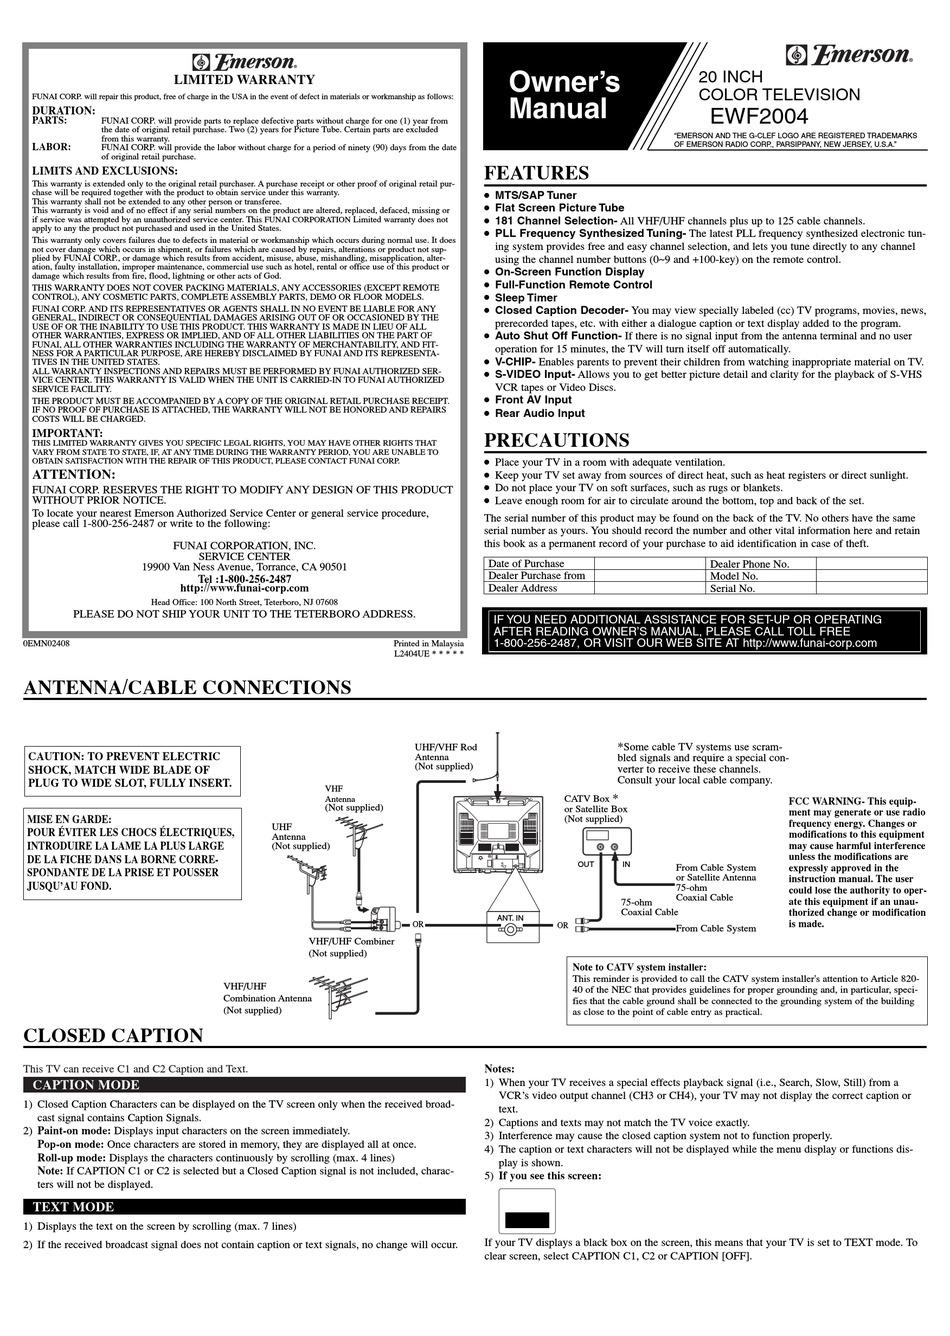 Hopkins Endurance Quick Fix 4 Manual Guide